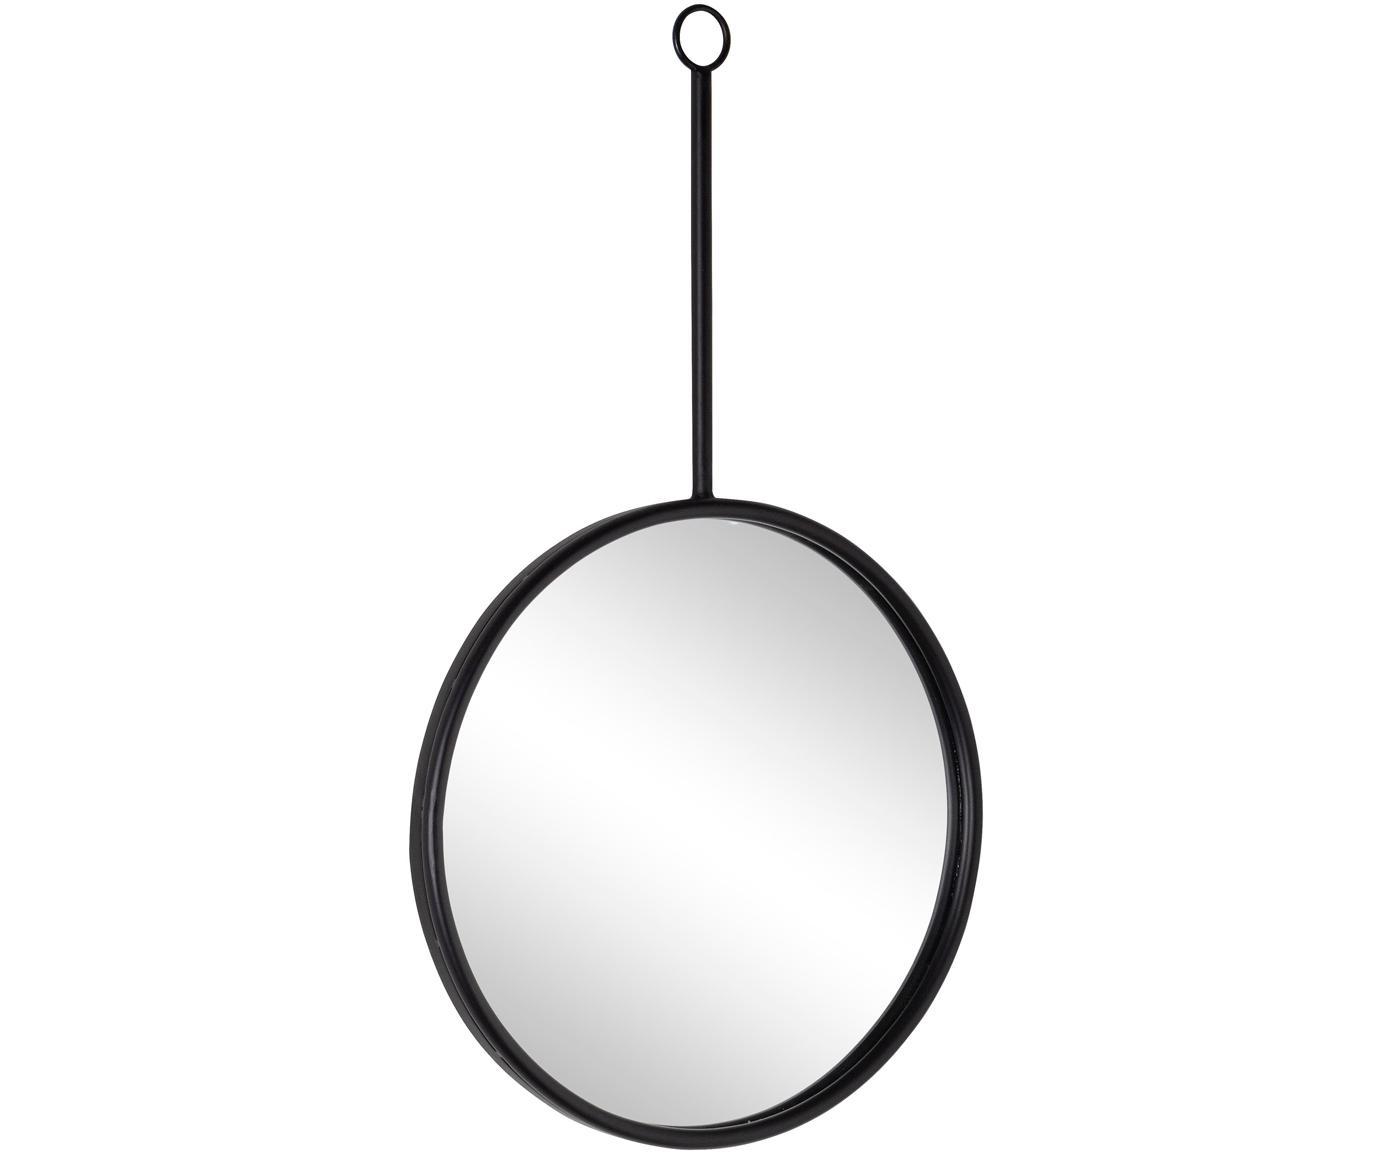 Specchio da parete con cornice in legno Regular, Cornice: legno, rivestito, Superficie dello specchio: lastra di vetro, Nero, Larg. 40 x Alt. 70 cm